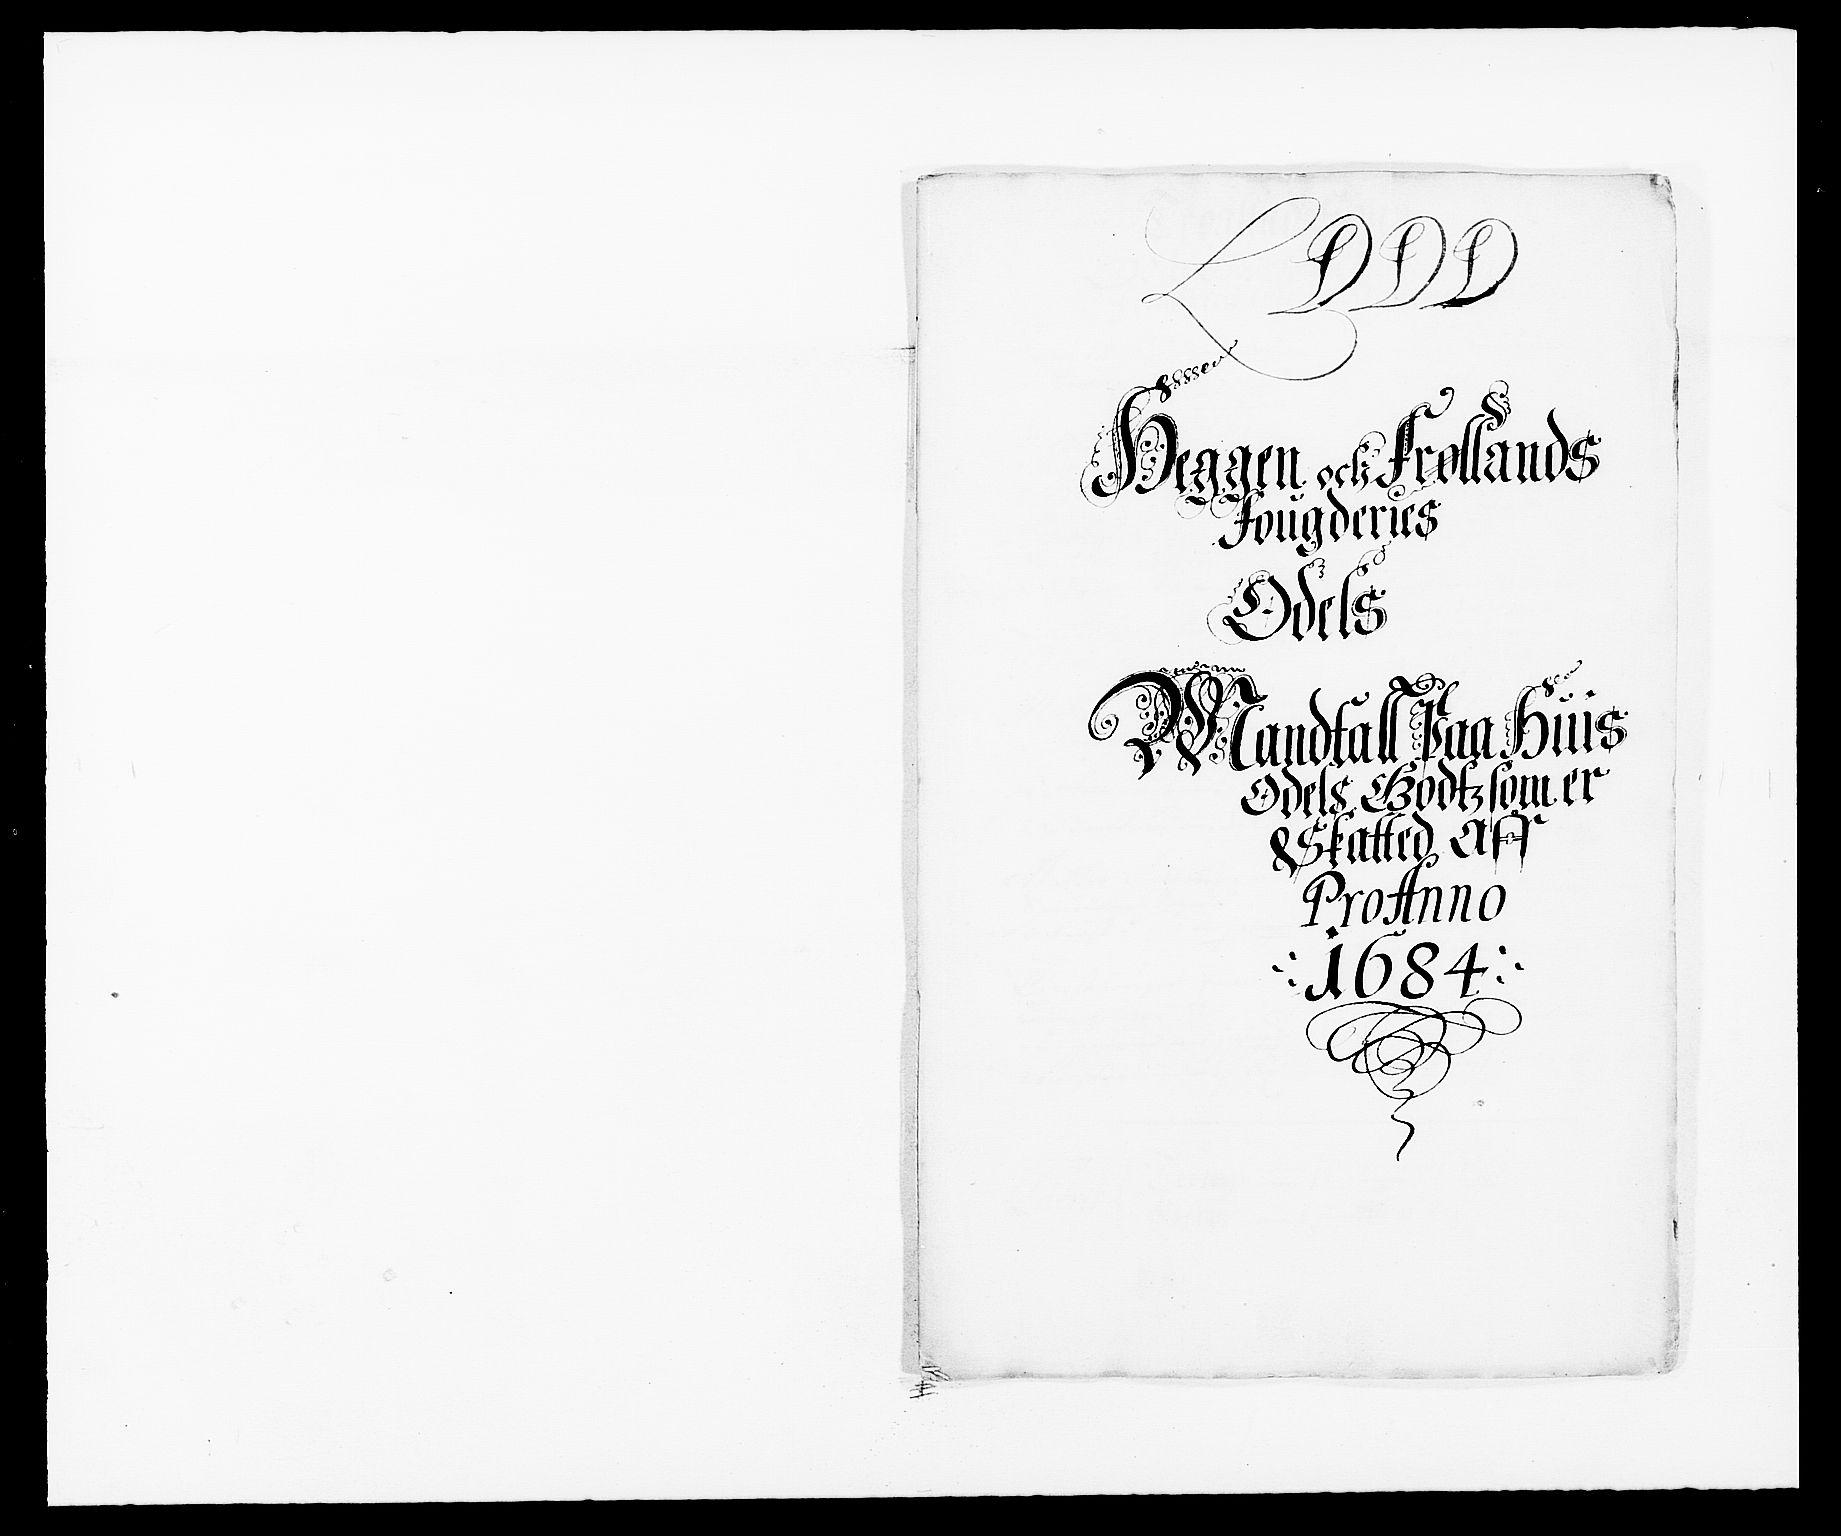 RA, Rentekammeret inntil 1814, Reviderte regnskaper, Fogderegnskap, R06/L0280: Fogderegnskap Heggen og Frøland, 1681-1684, s. 458